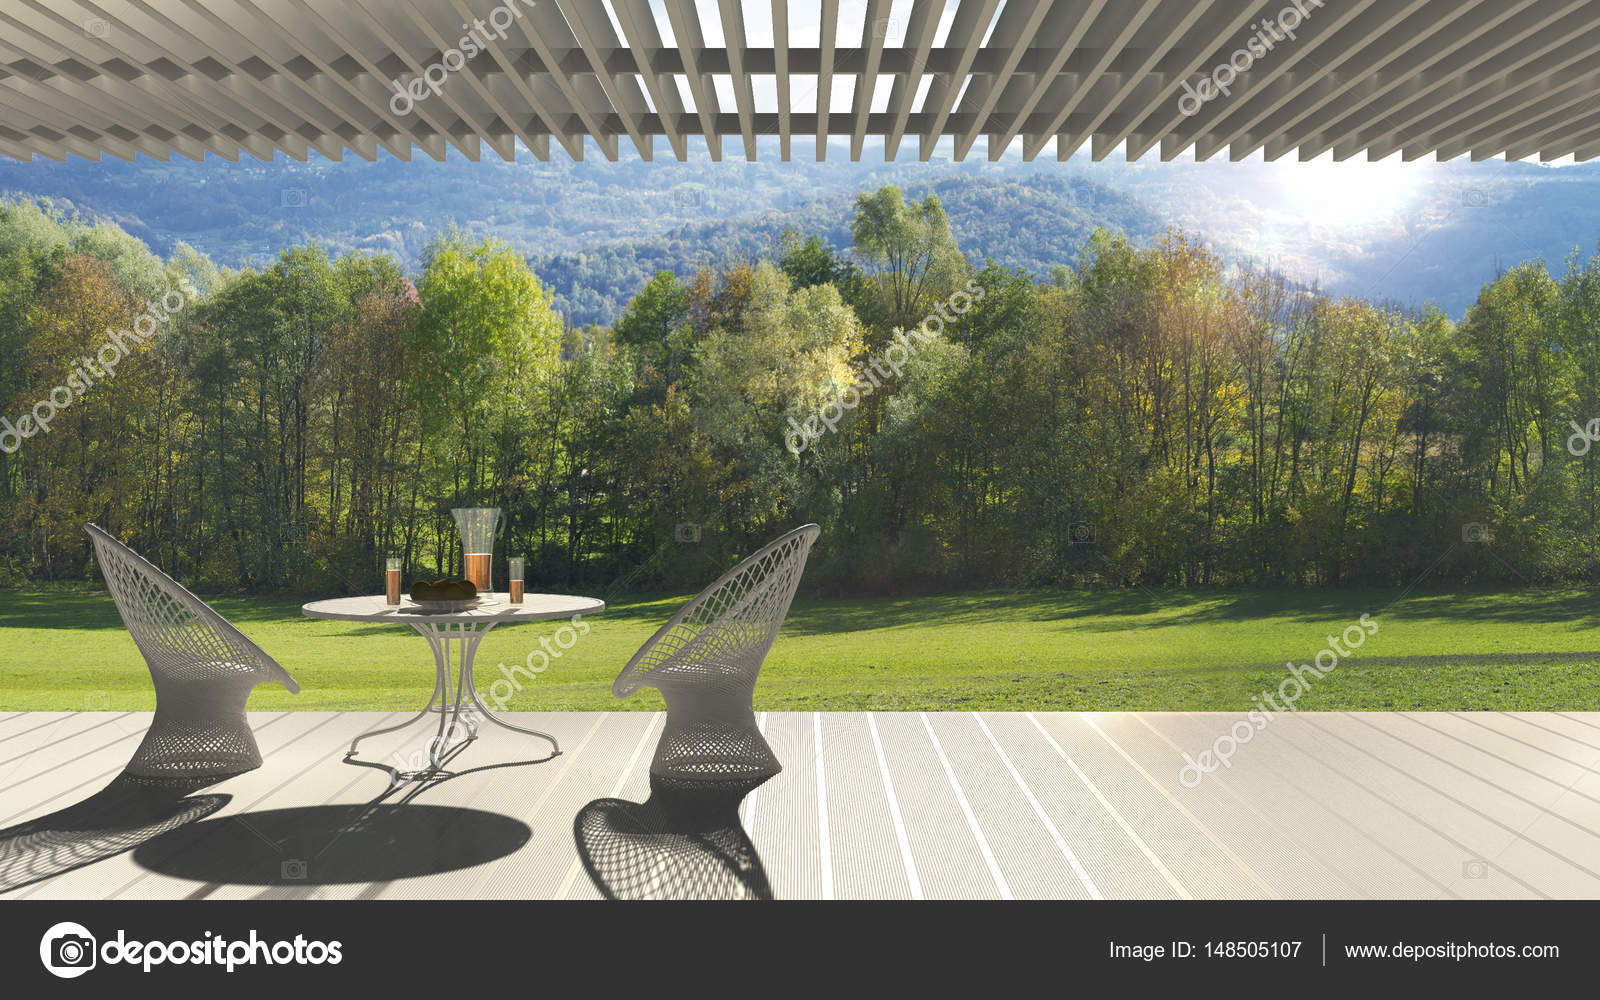 Minimalistisch modern terras met relax ruimte fauteuils en tabel